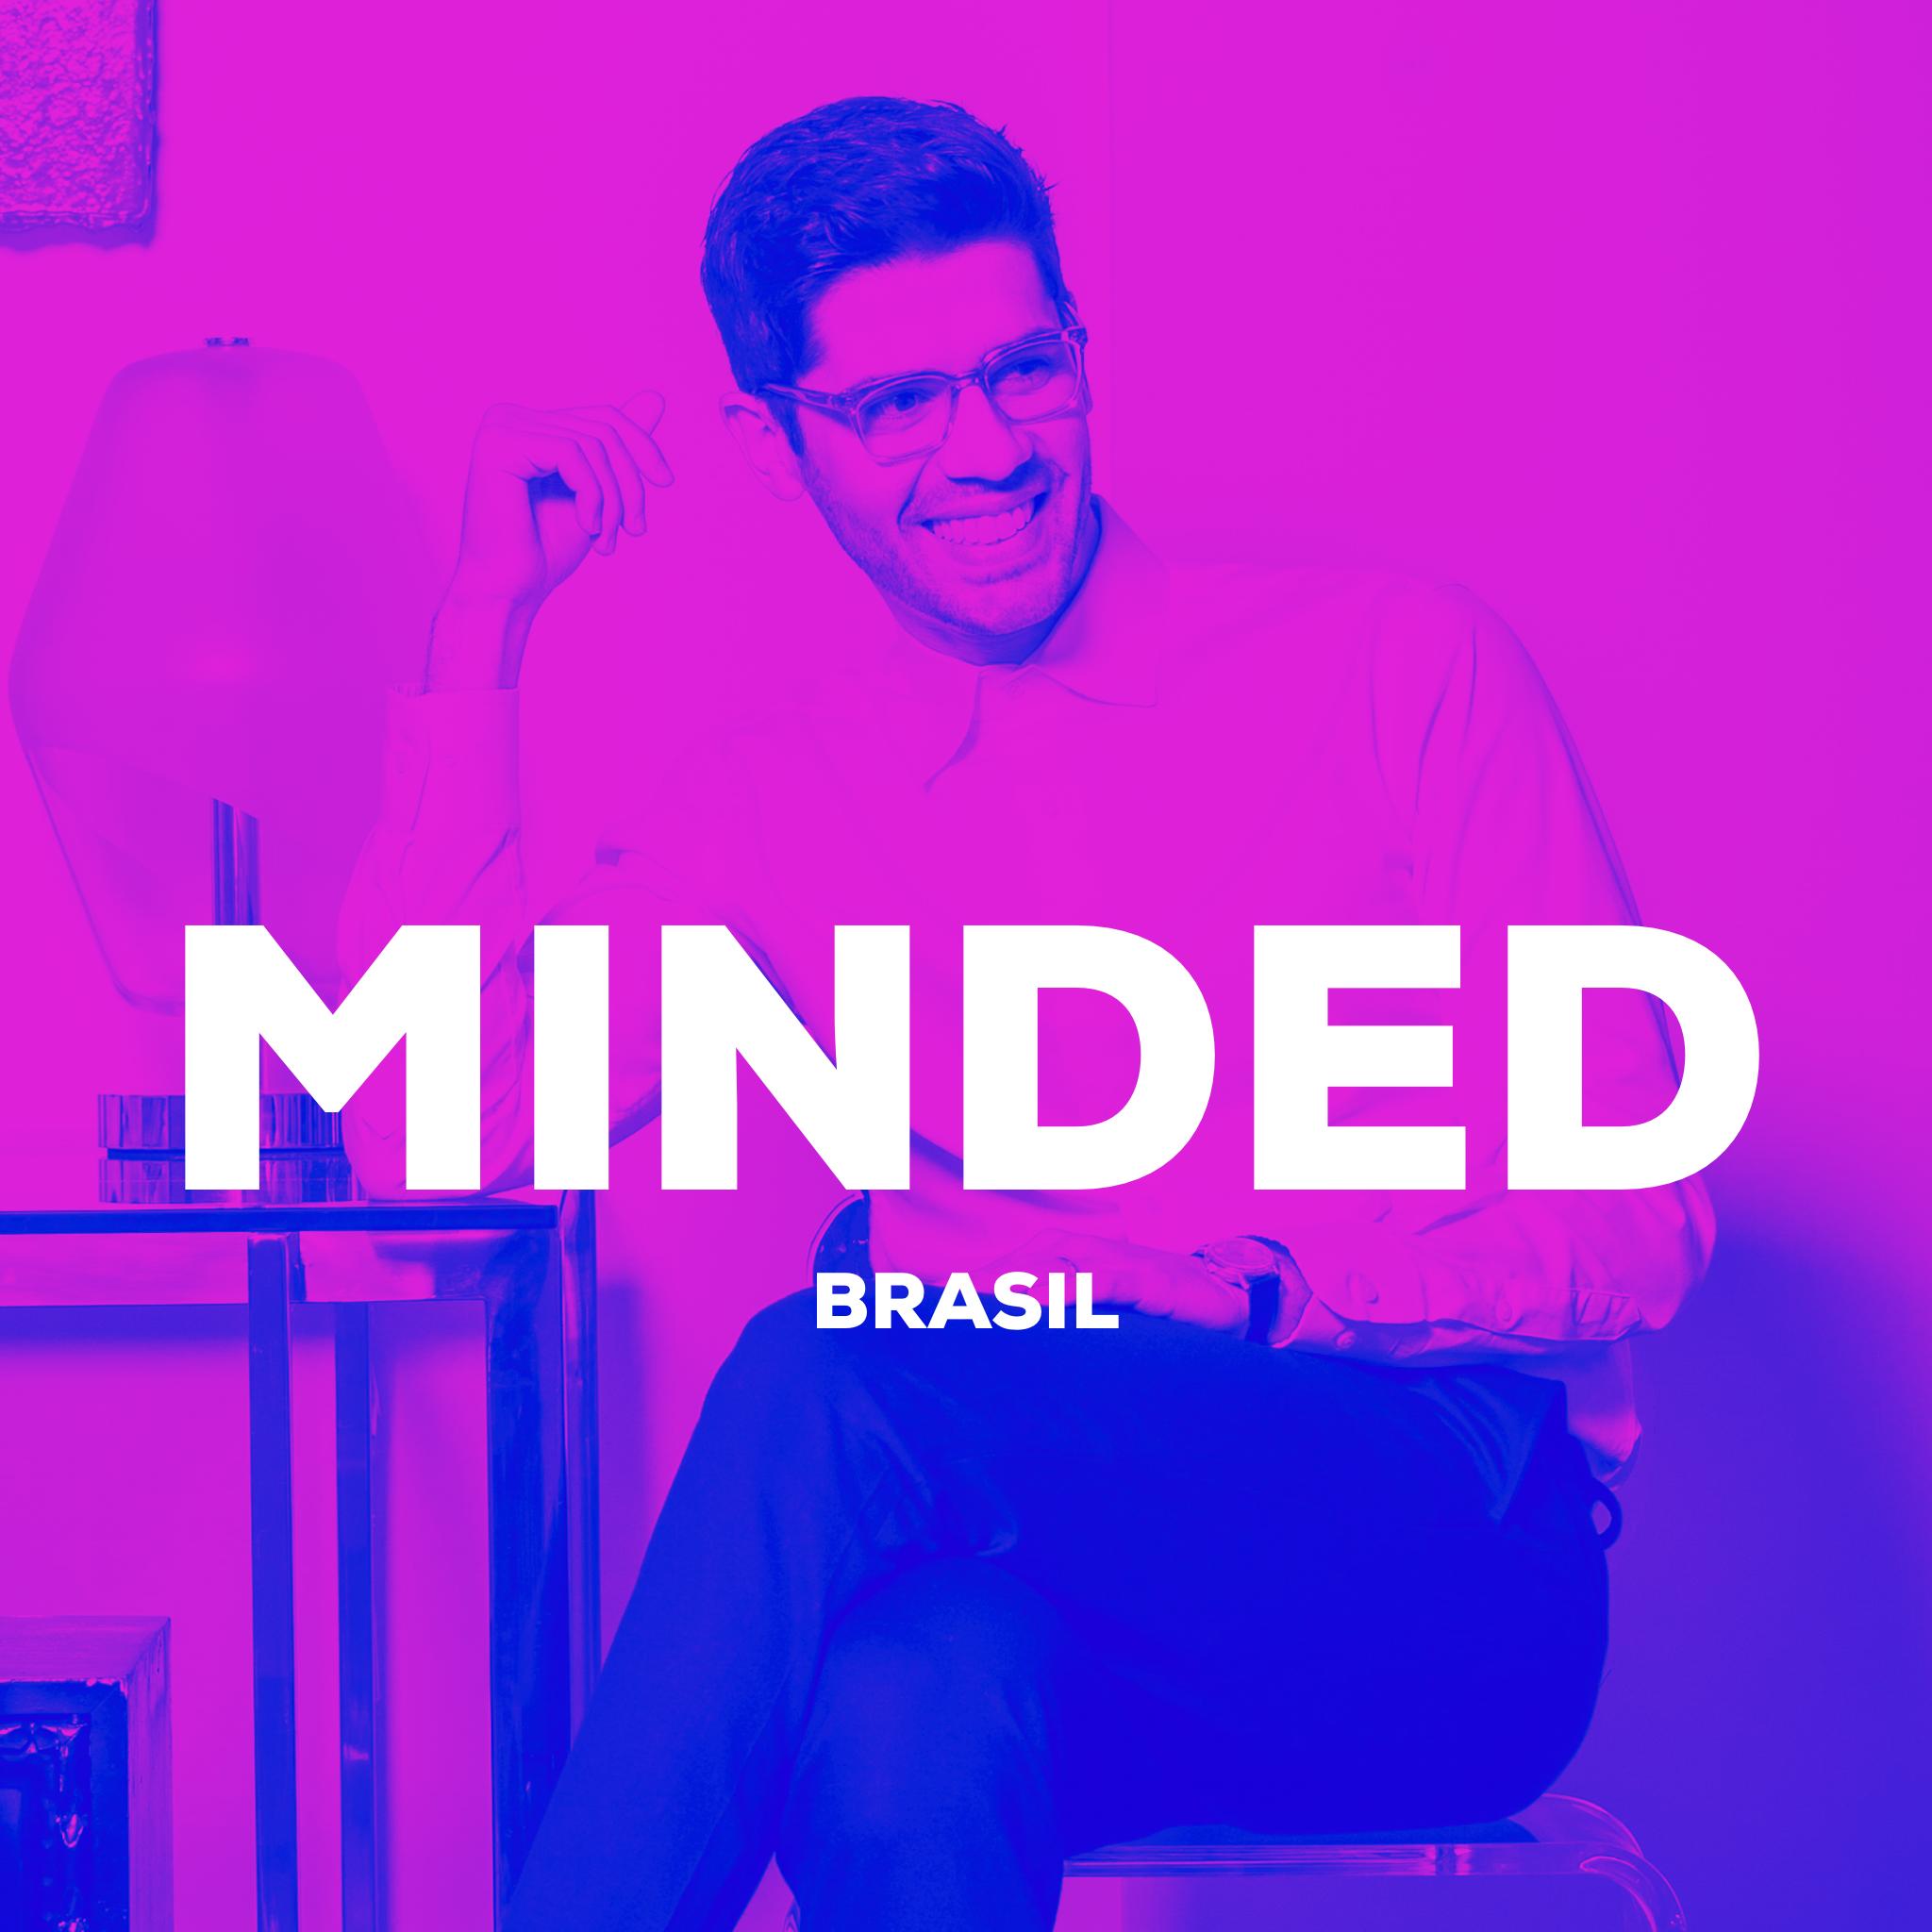 MINDED BRASIL show image